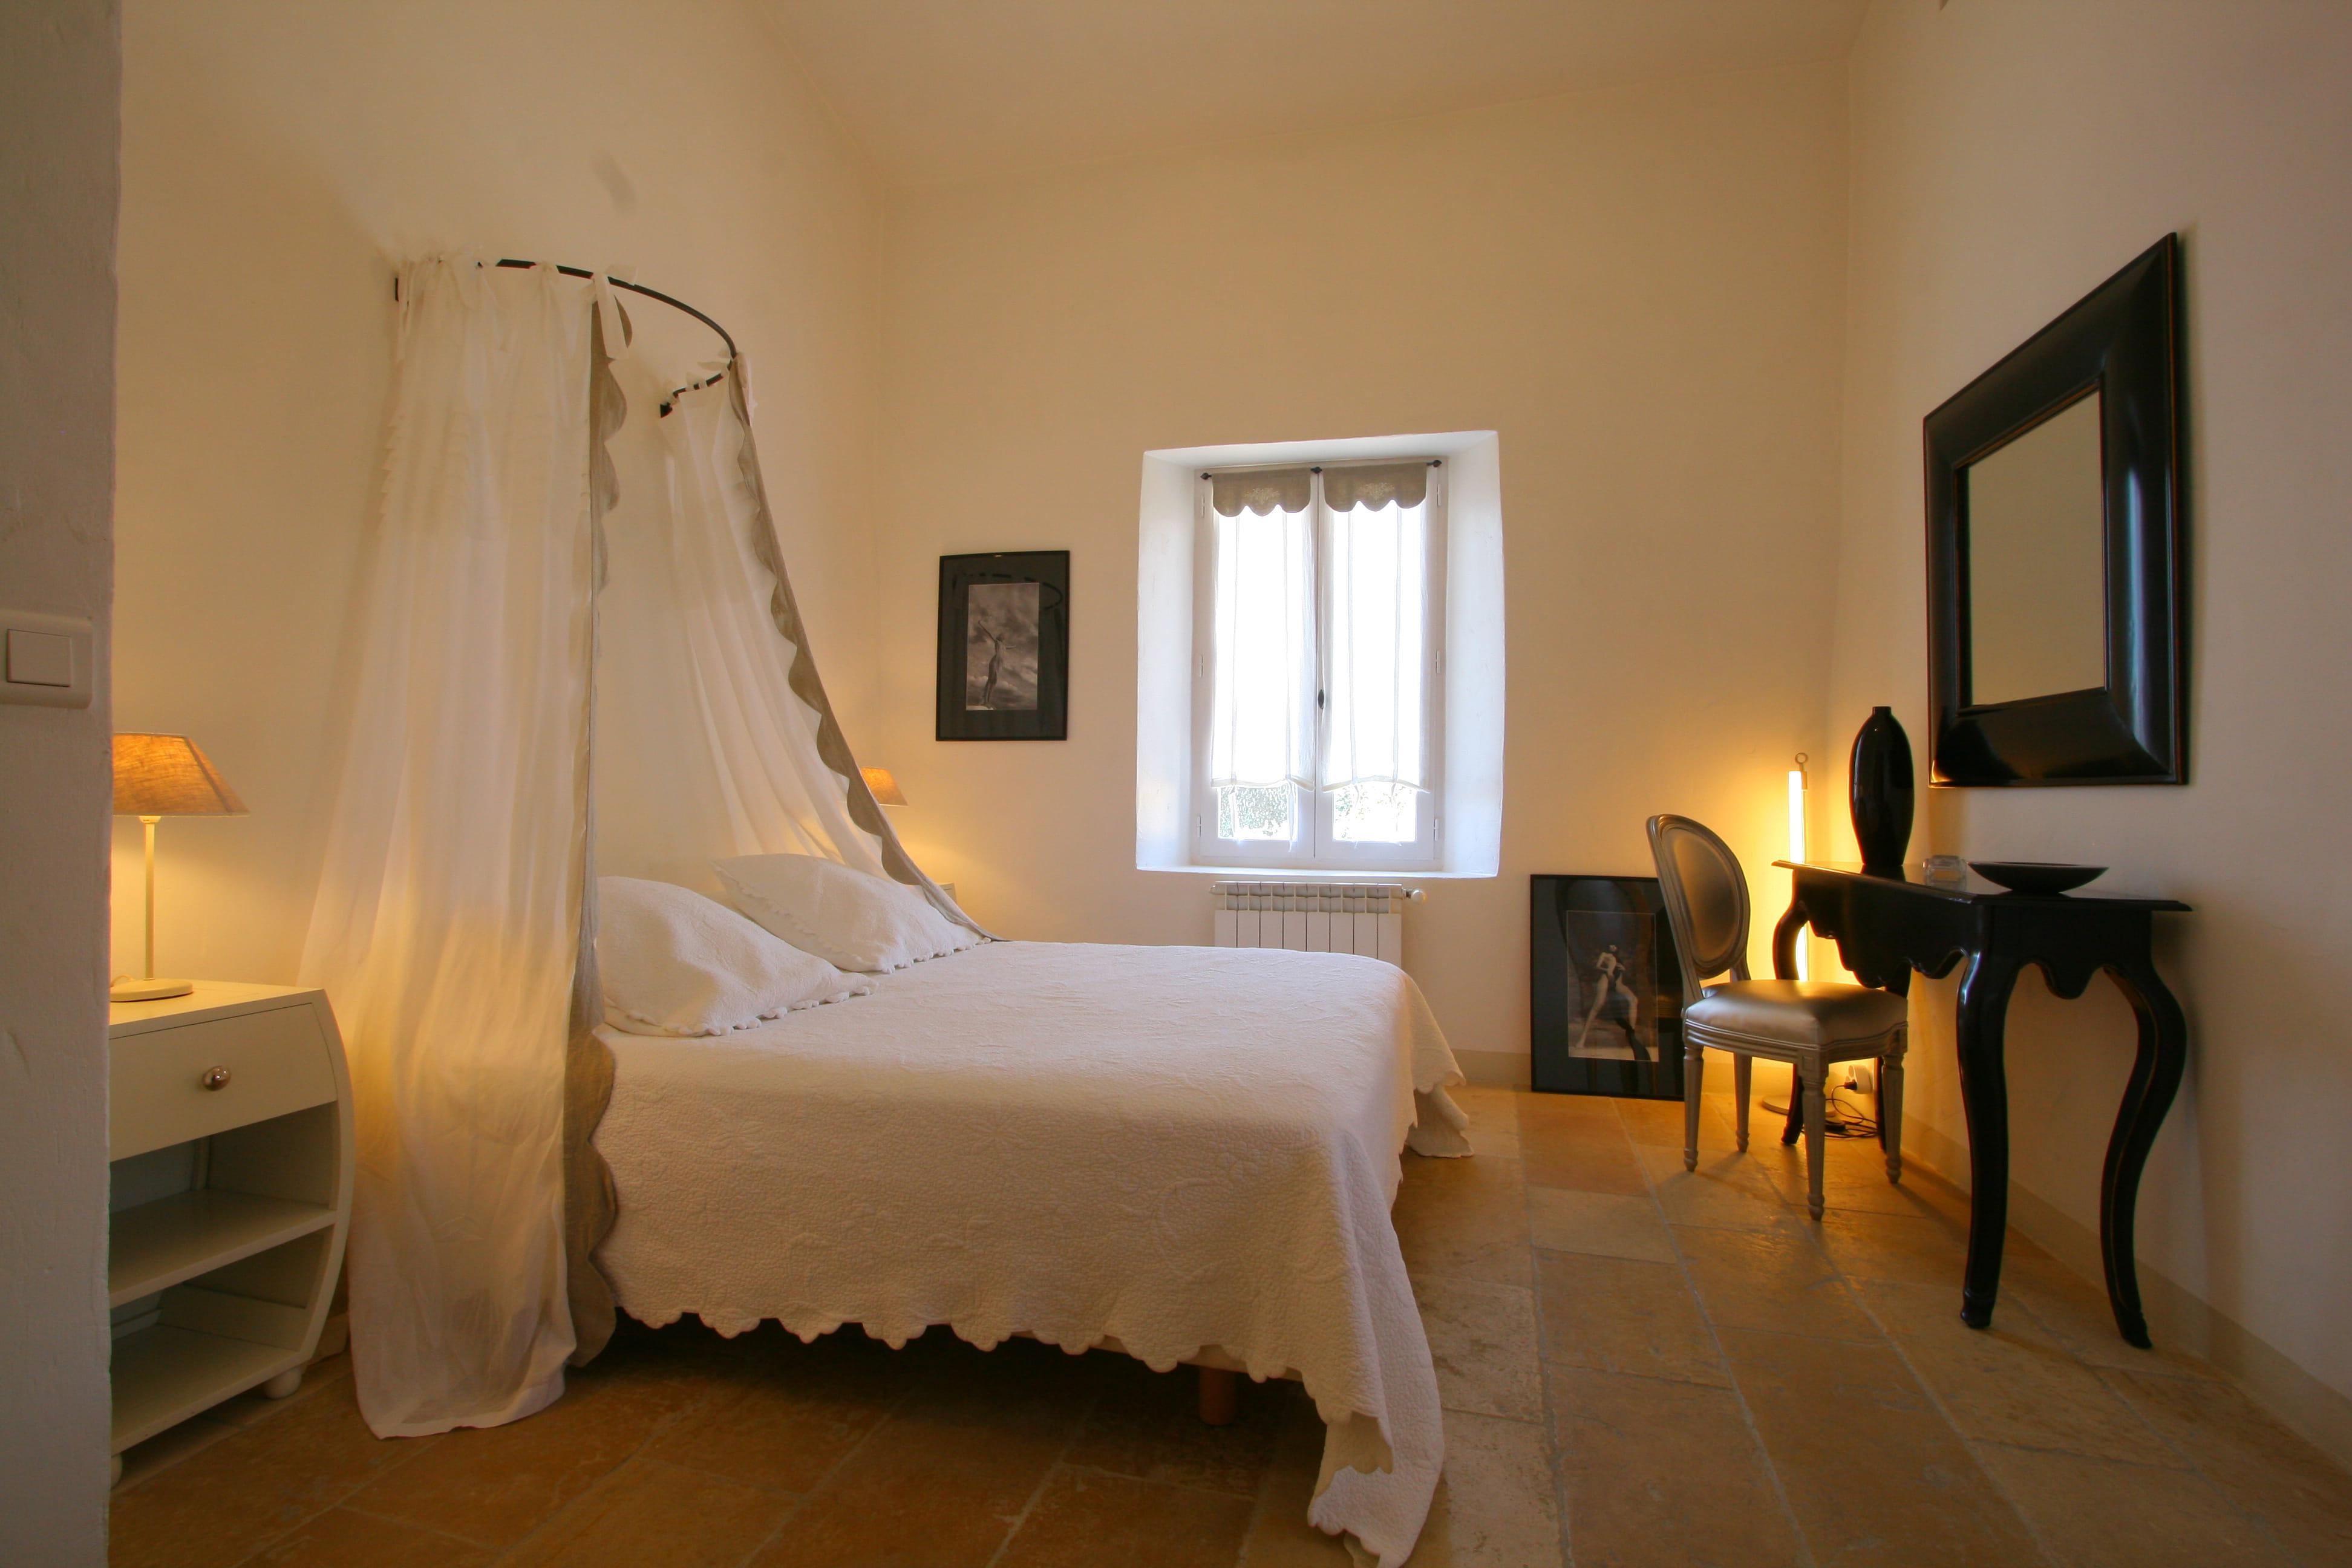 D coration chambre avec ciel de lit for Decoration chambre adulte pas cher